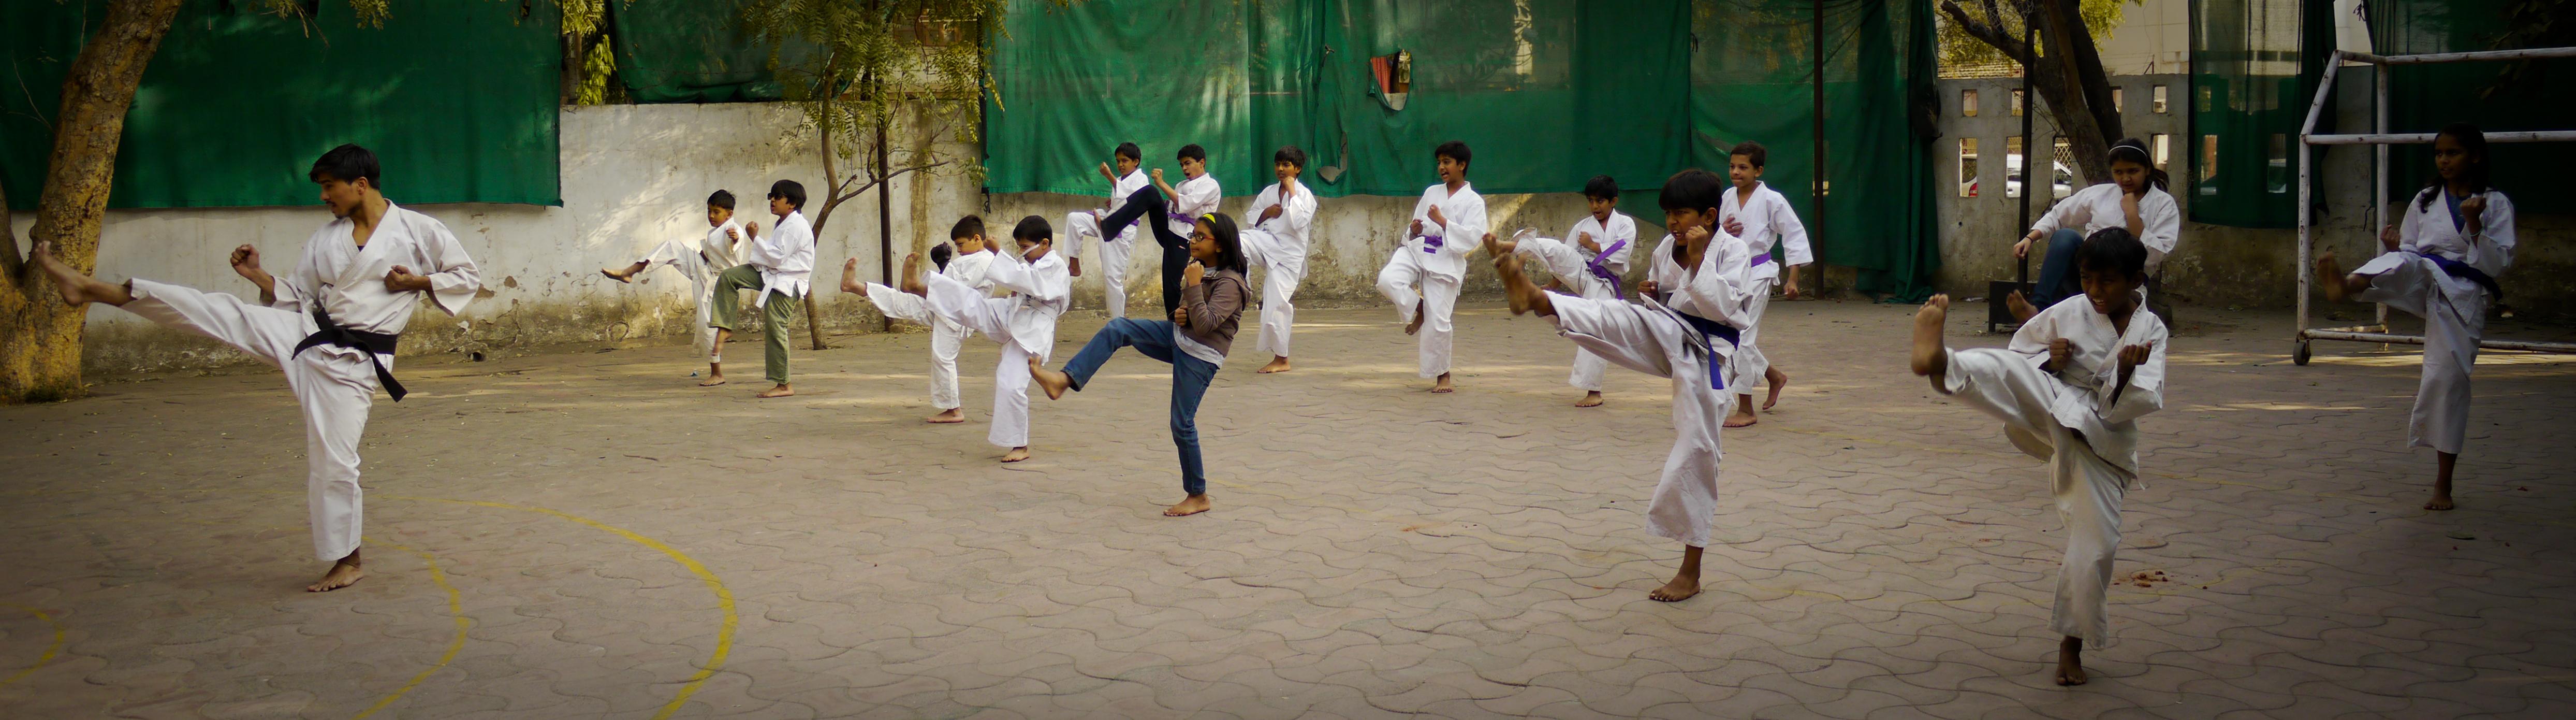 karate-14-bandeau-1020708.jpg